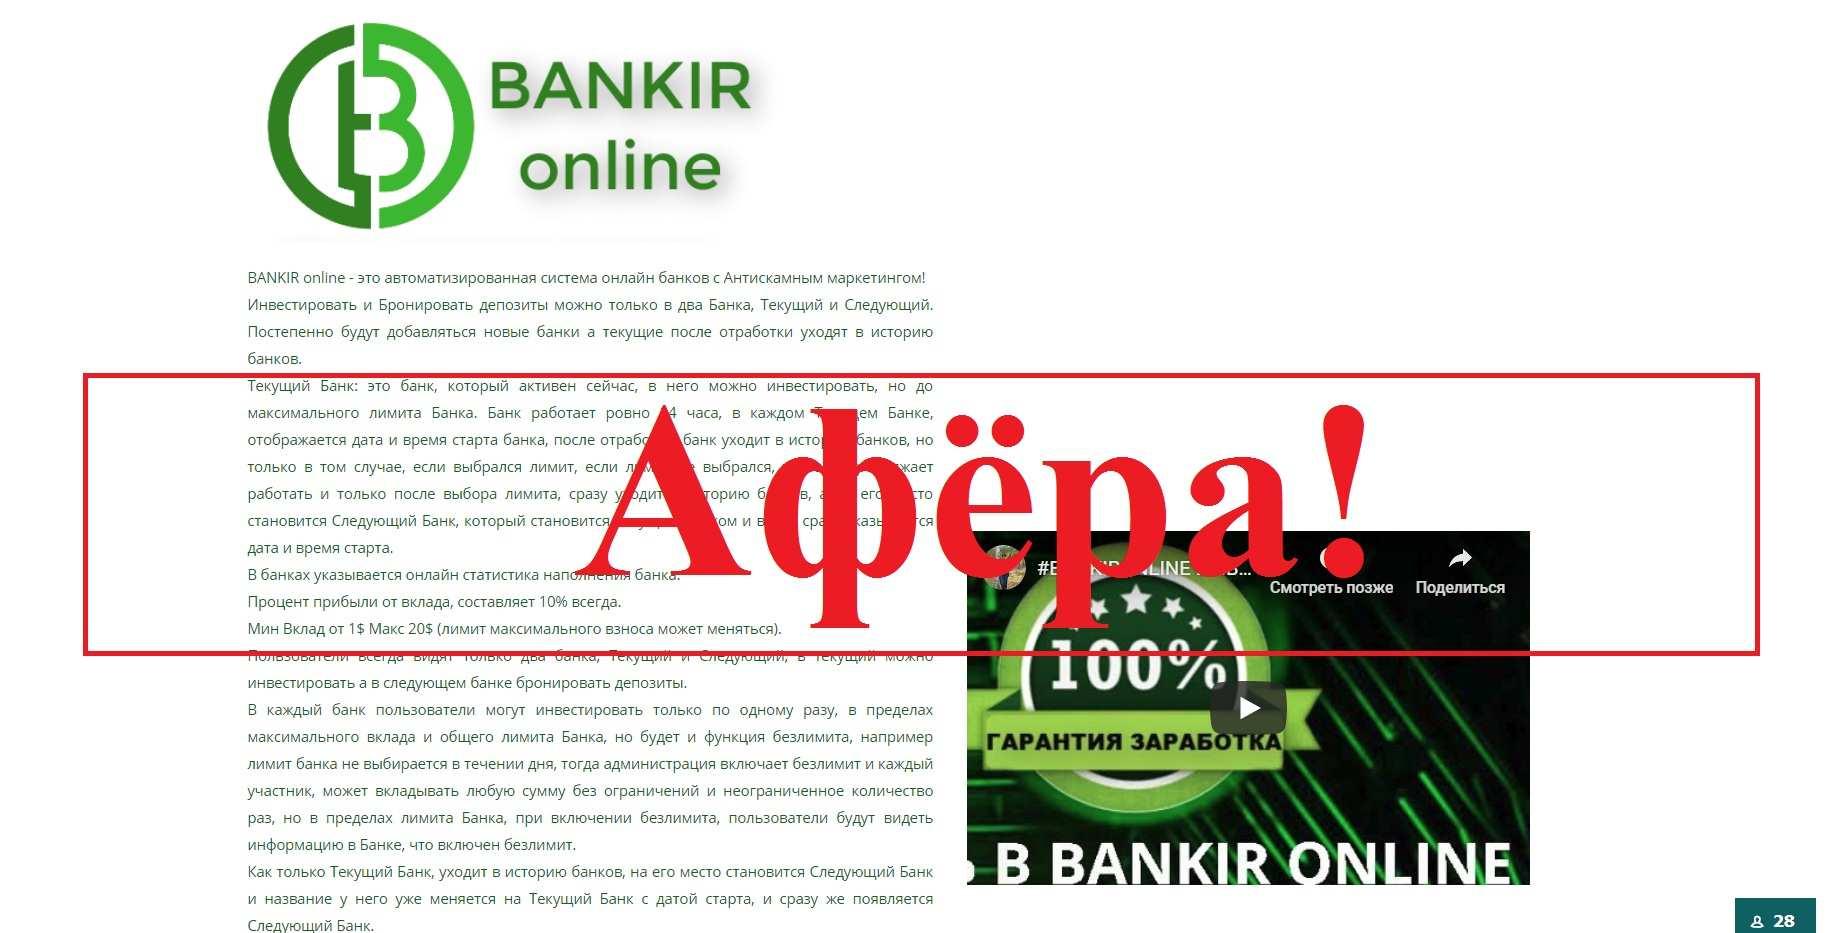 BANKIR online – отзывы о пирамиде